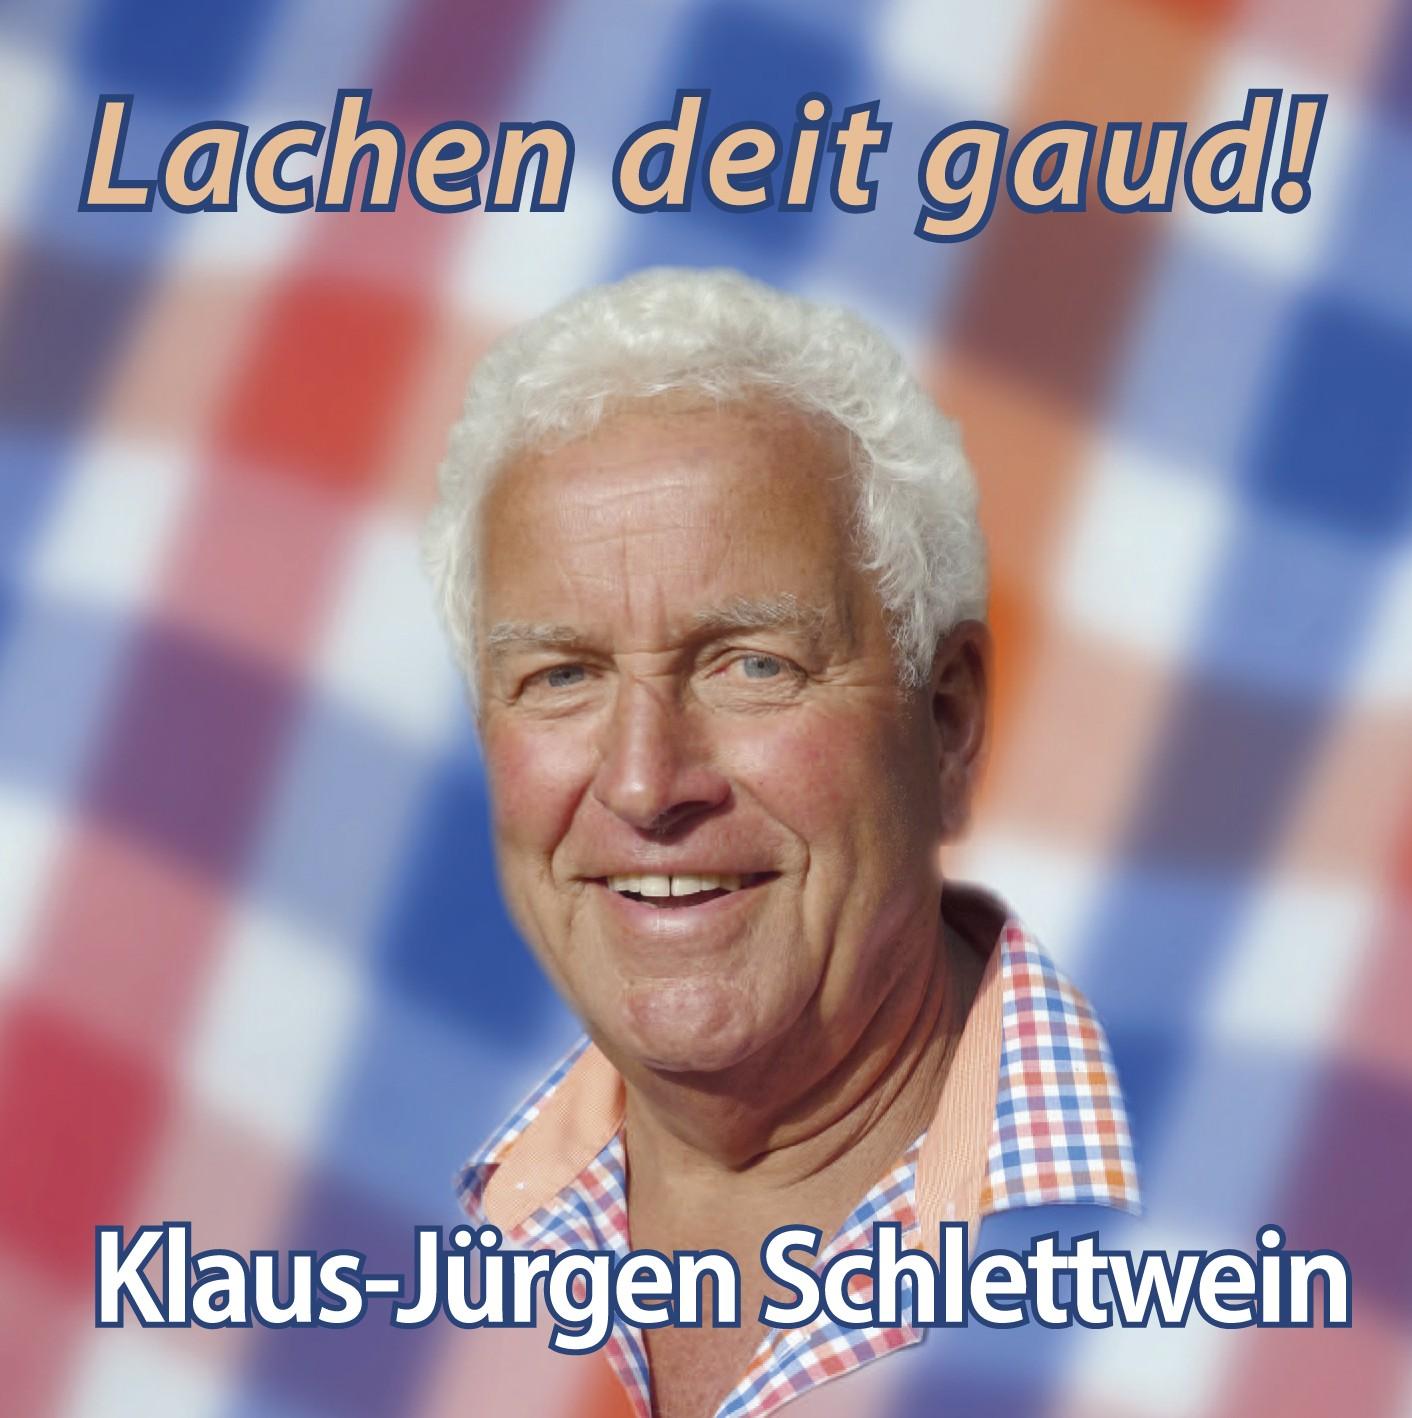 Lachen deit gaud!: Der plattdeutsche Entertaine...